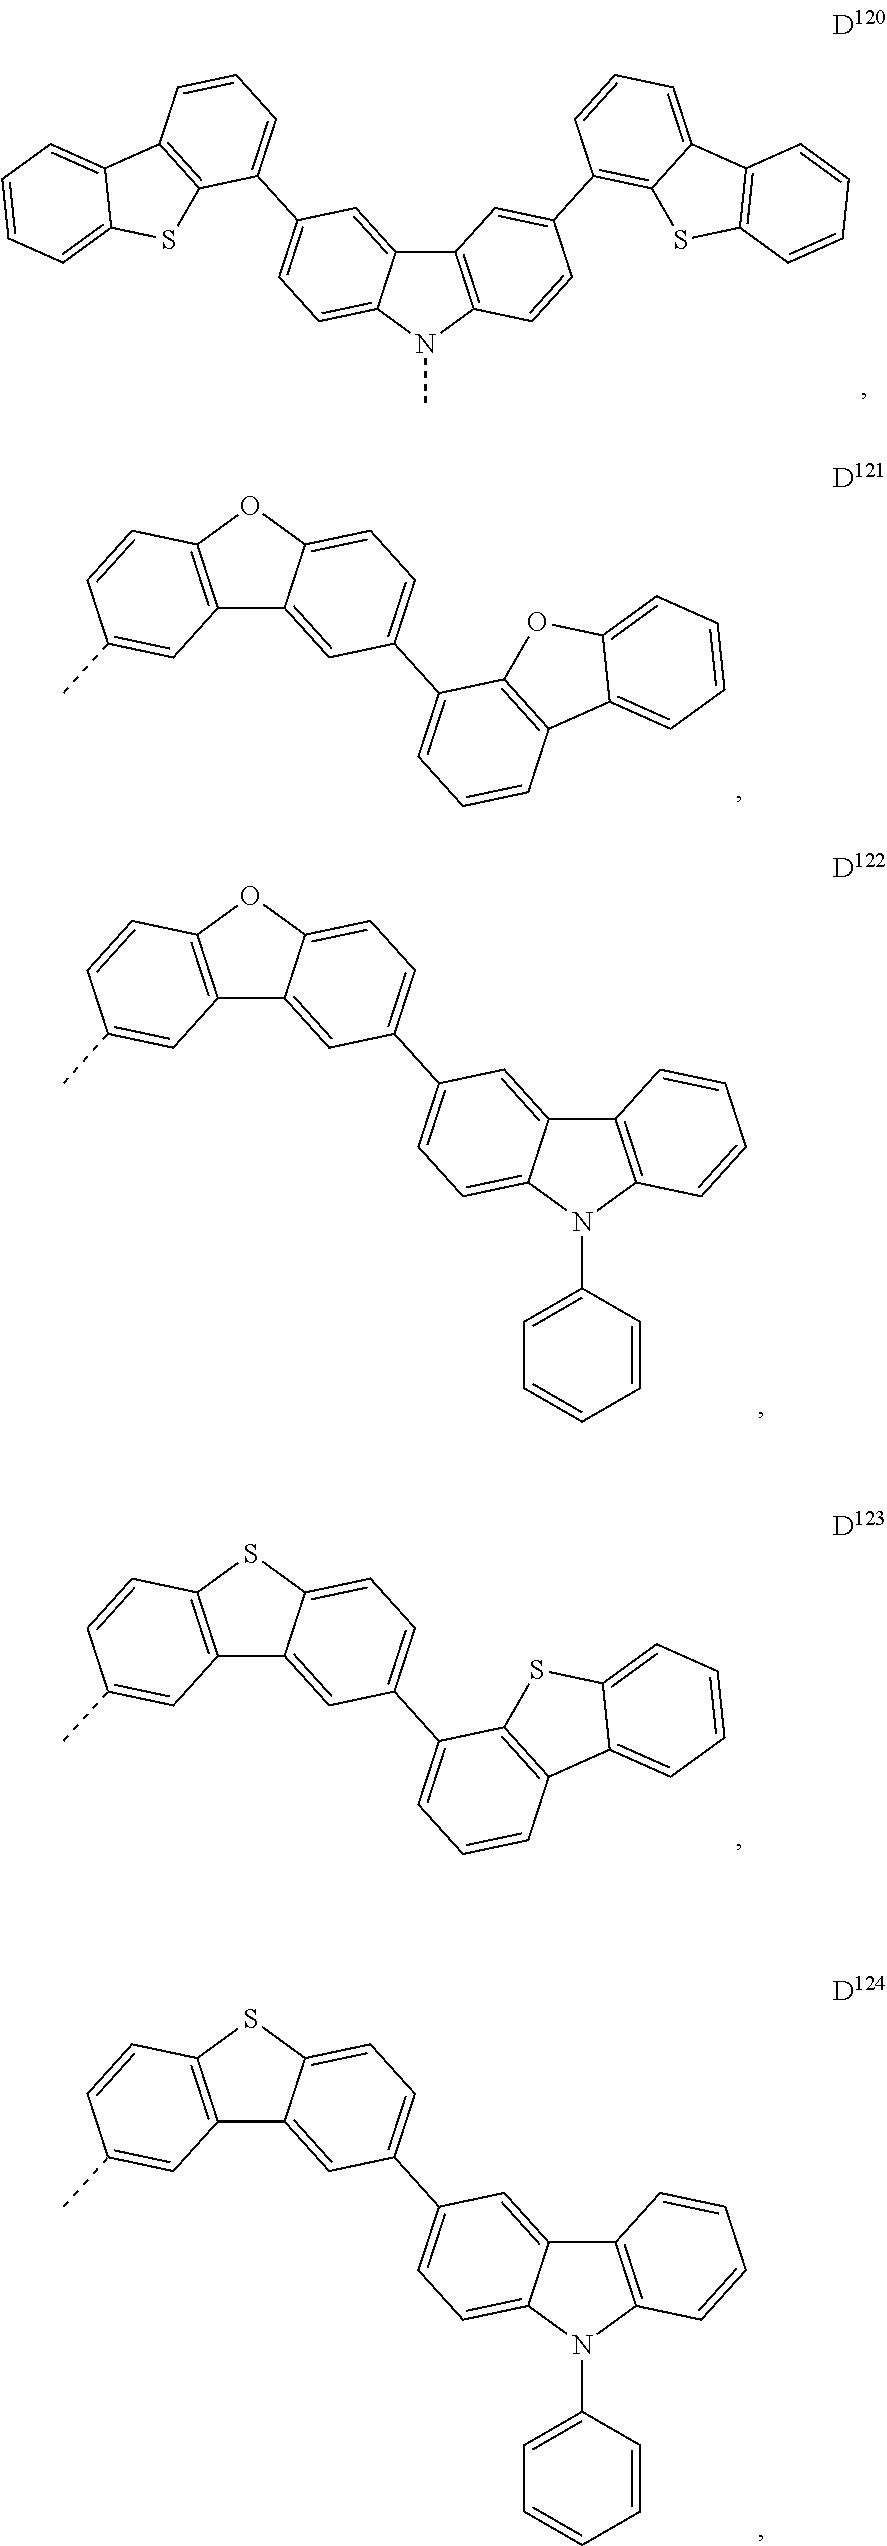 Figure US09209411-20151208-C00033